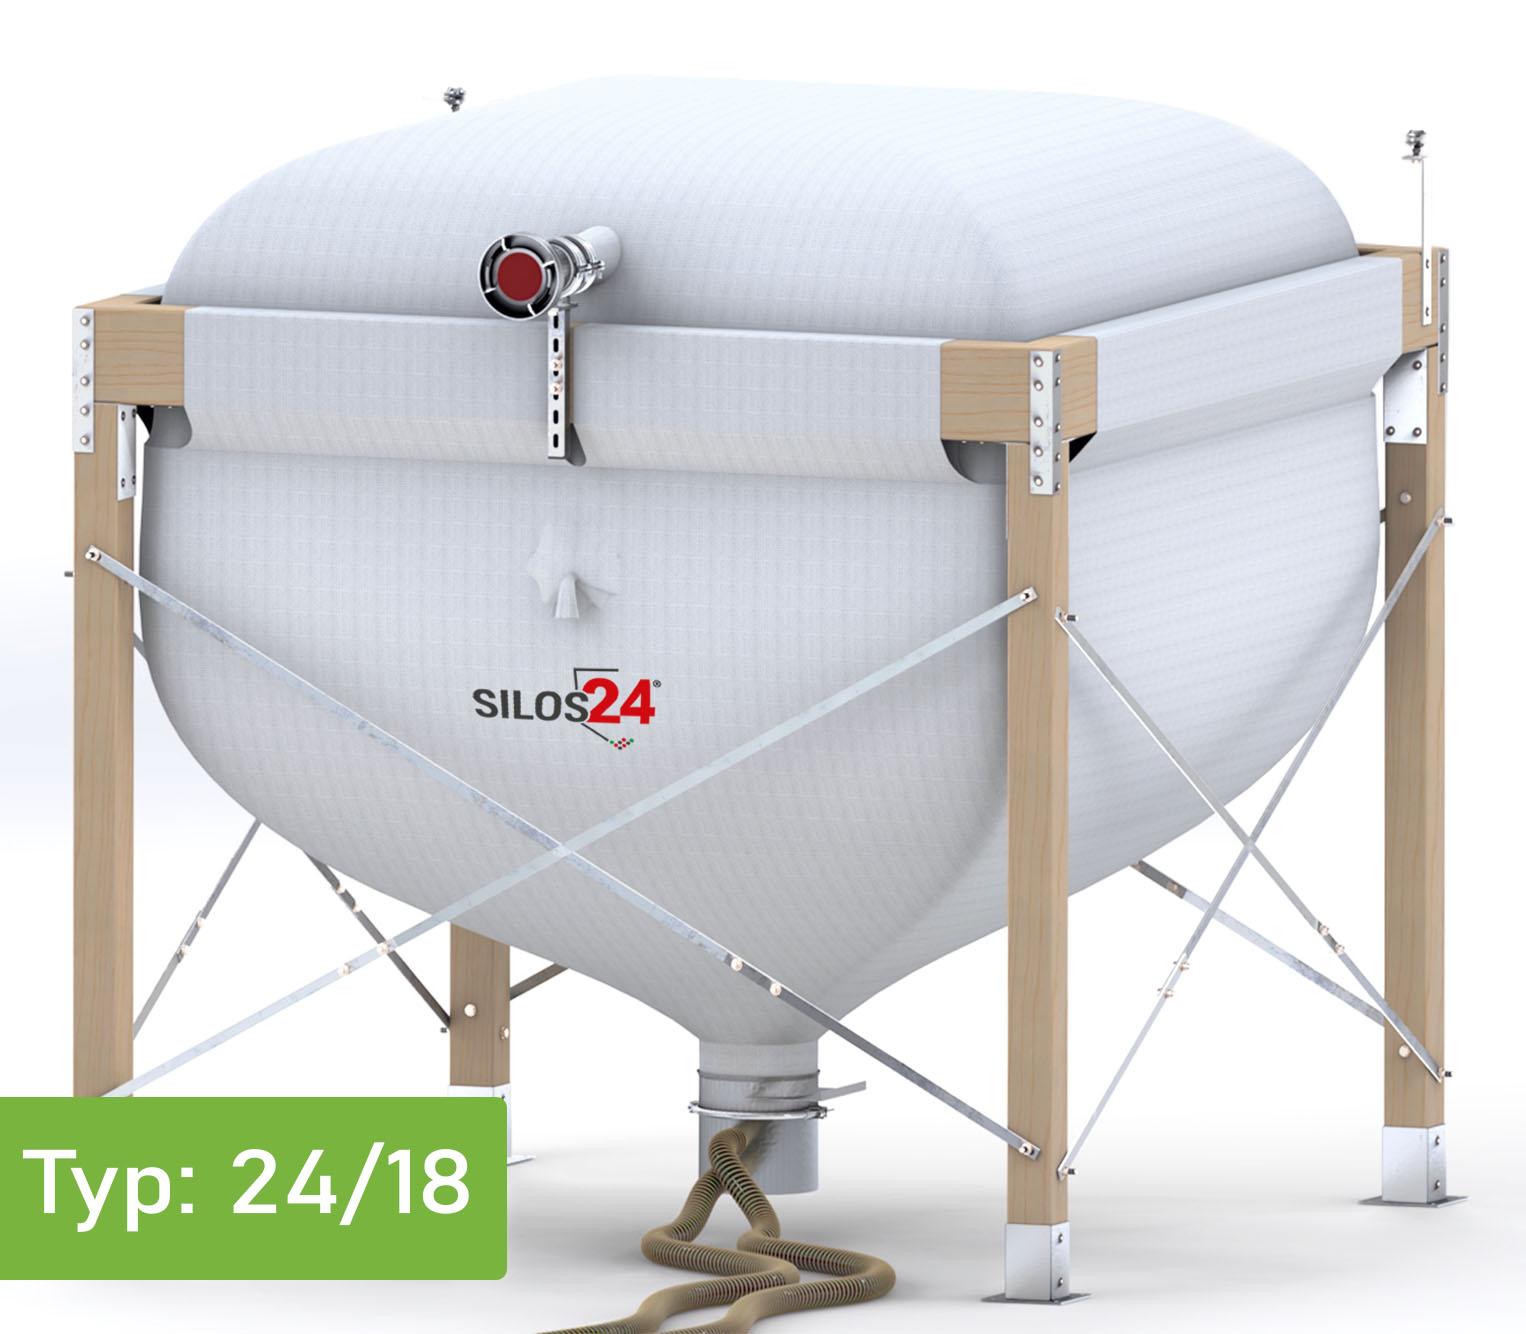 [Paket] Eco-Silo 2418 inkl. Absaugtopf, 50 m Schlauch NW 50/50 & Befestigungsschellen